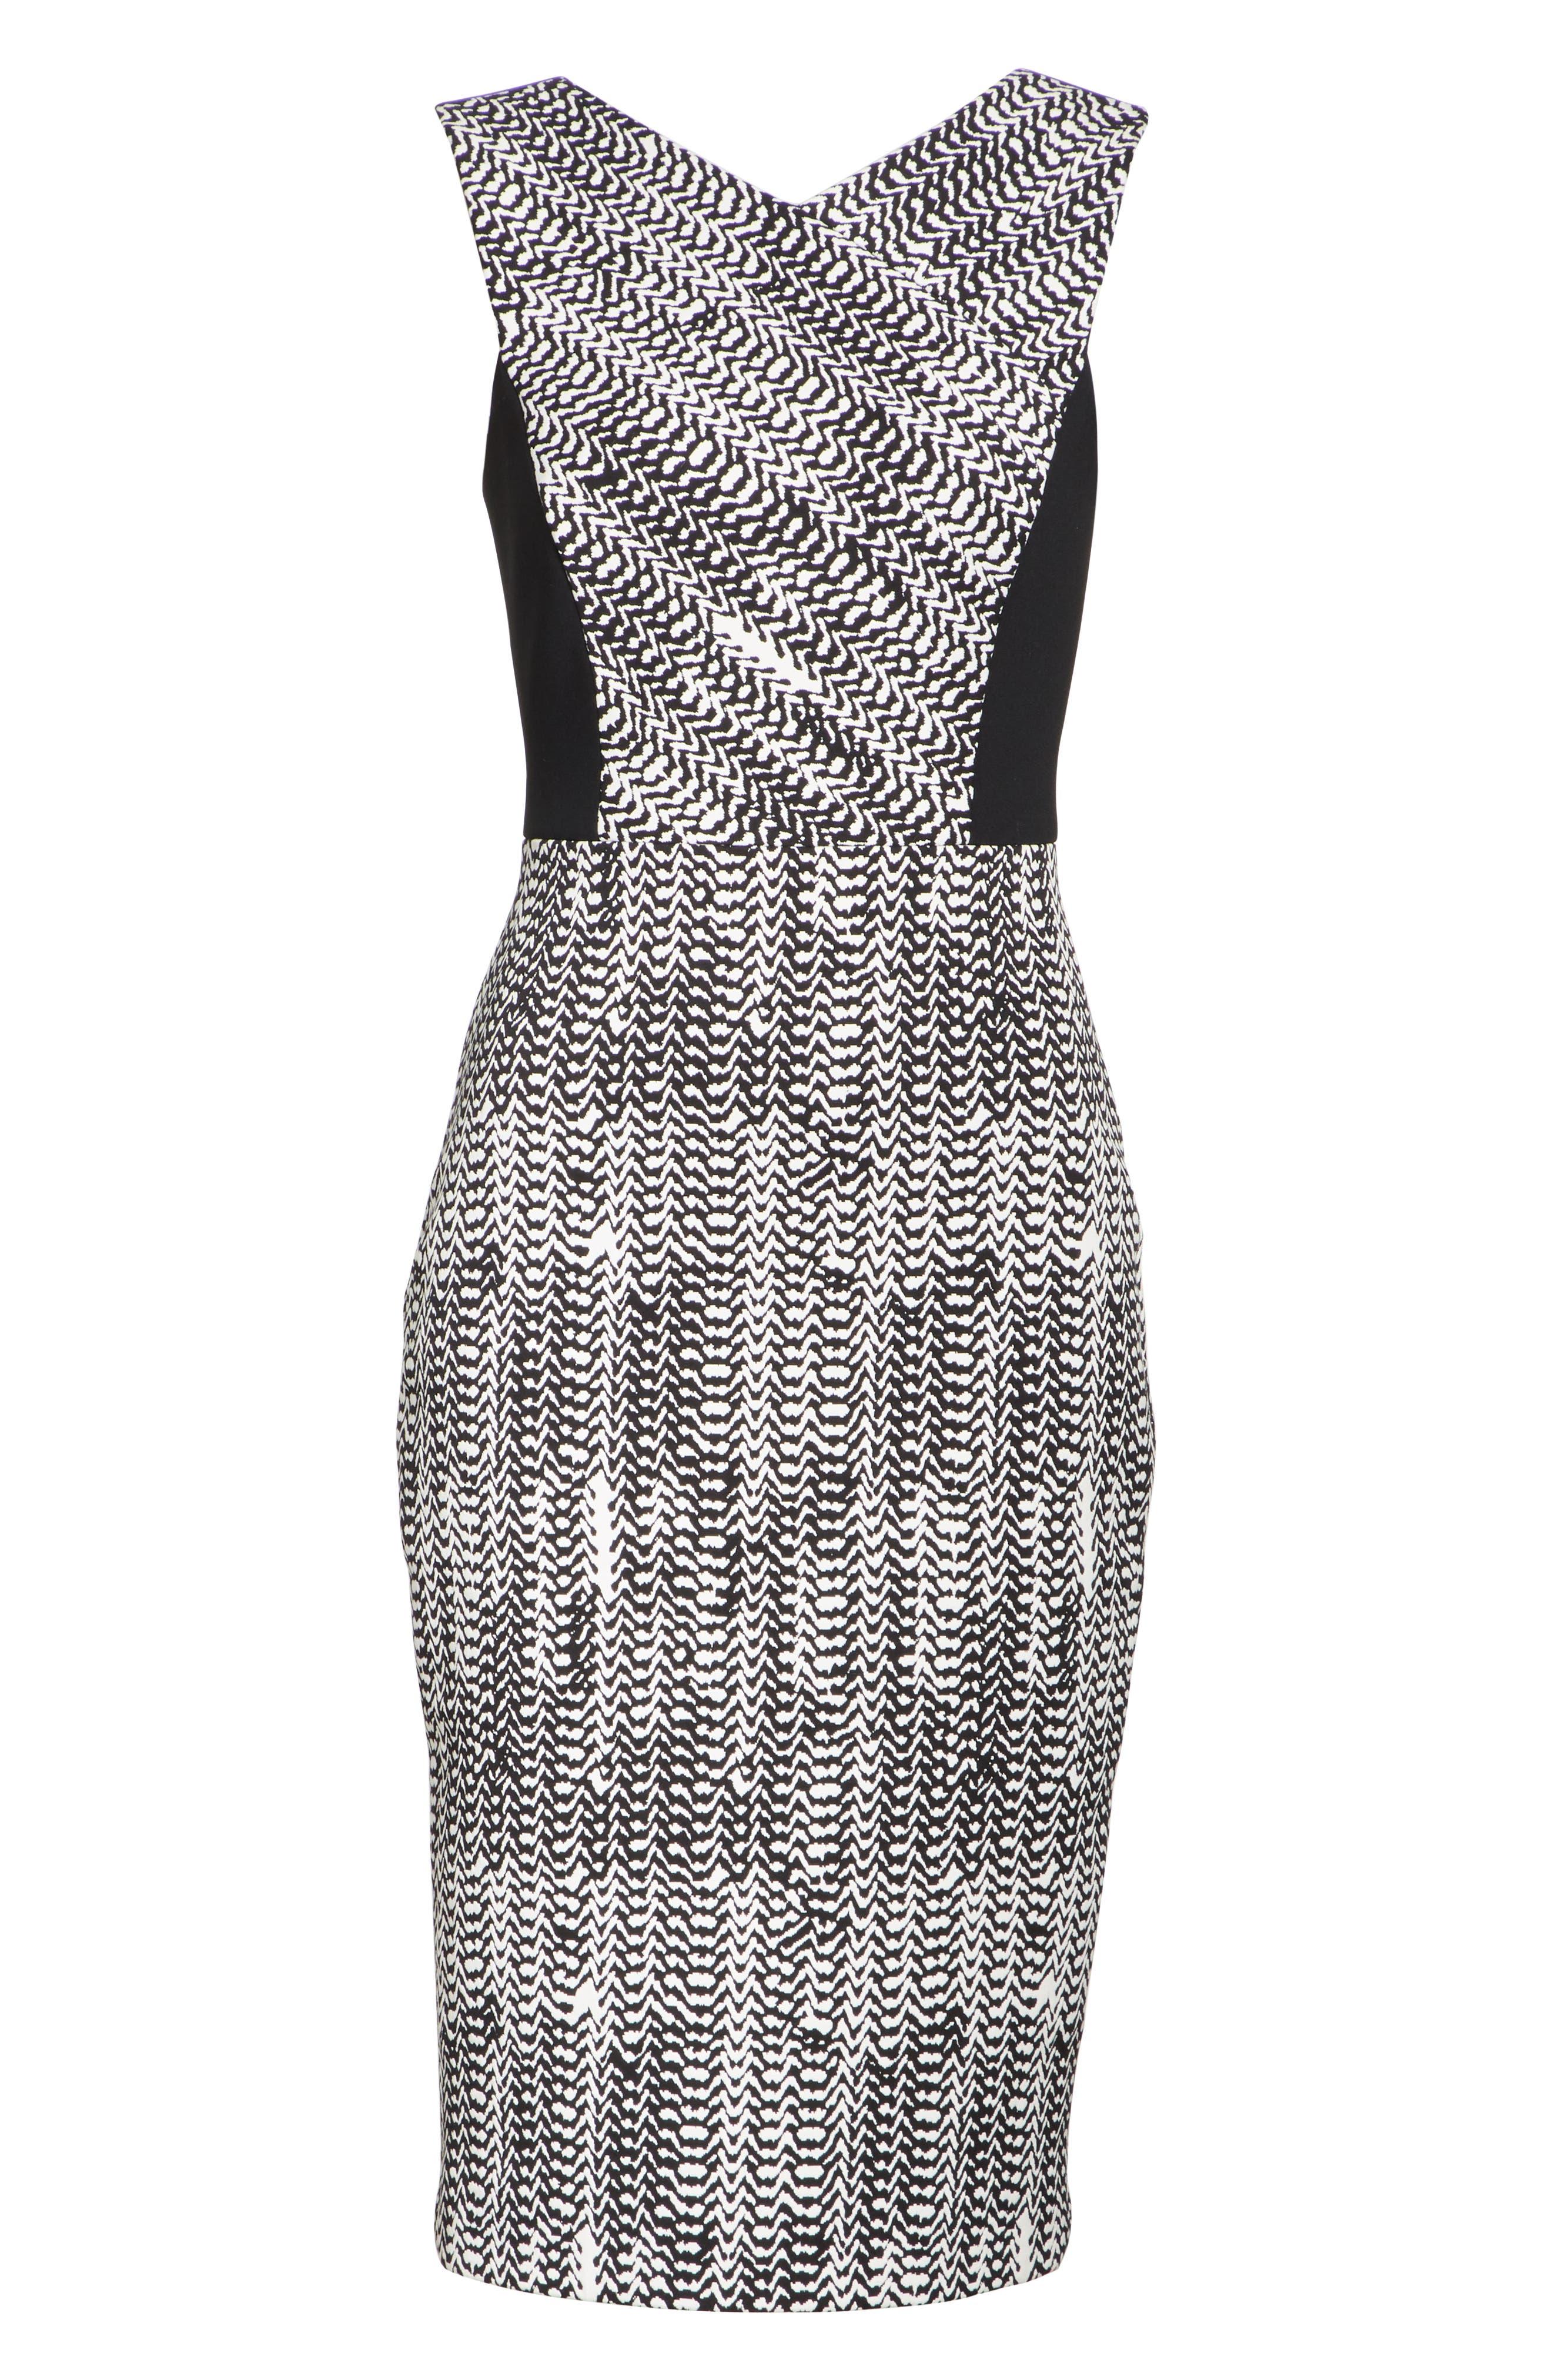 Herringbone Jacquard Sheath Dress,                             Alternate thumbnail 6, color,                             BLACK/ CHALK